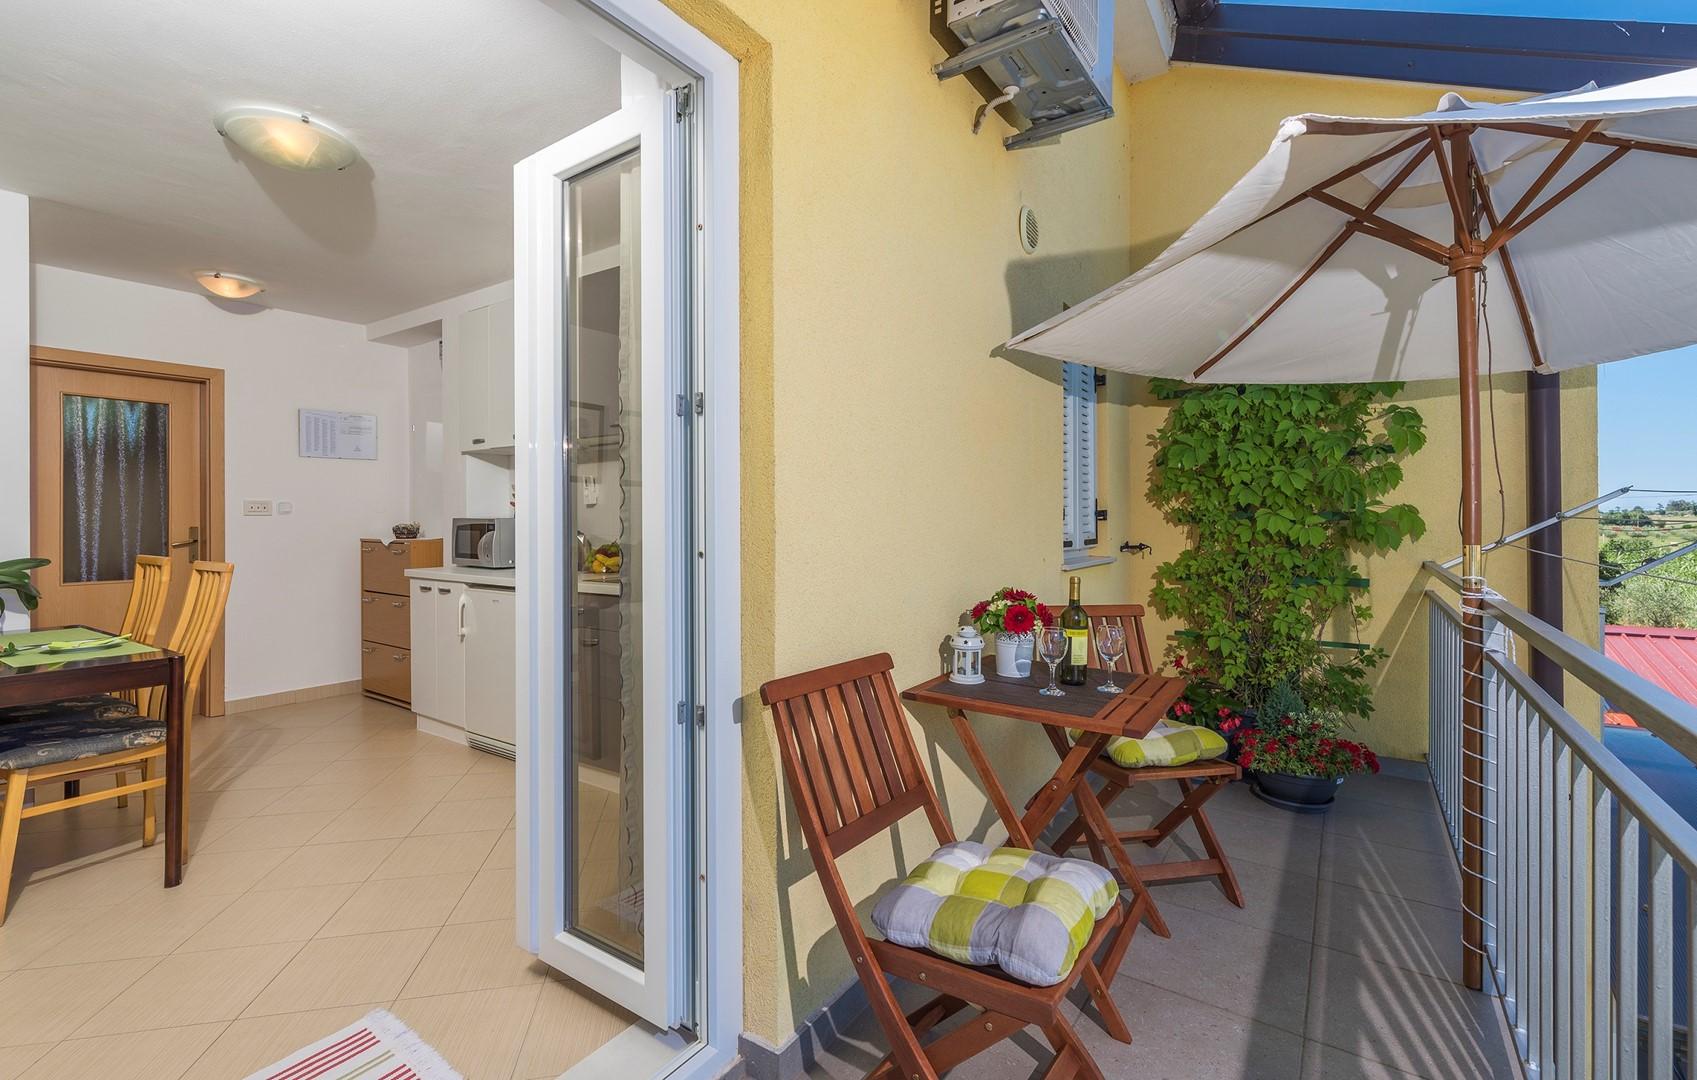 Ferienwohnung Apartnent Nensi mit Balkon (2080952), Vrvari, , Istrien, Kroatien, Bild 13